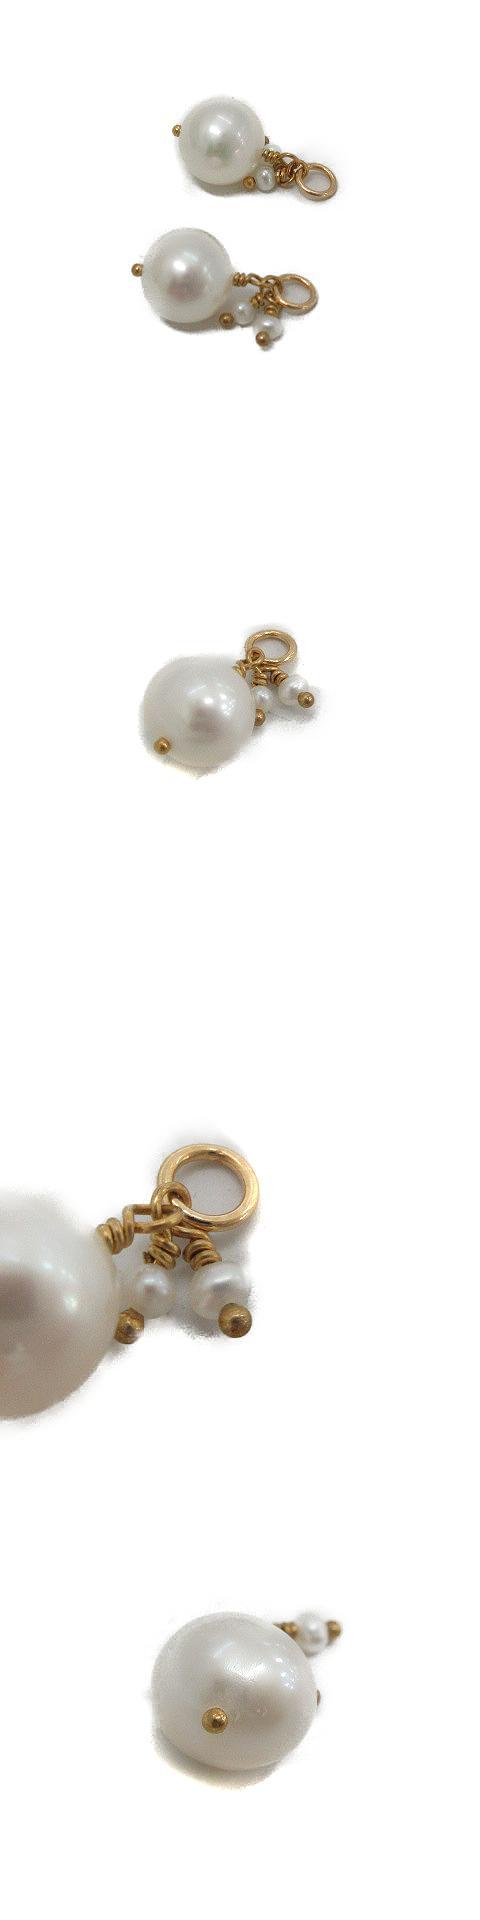 ピアスチャーム K10 GF パール ゴールド色 白 /OG26